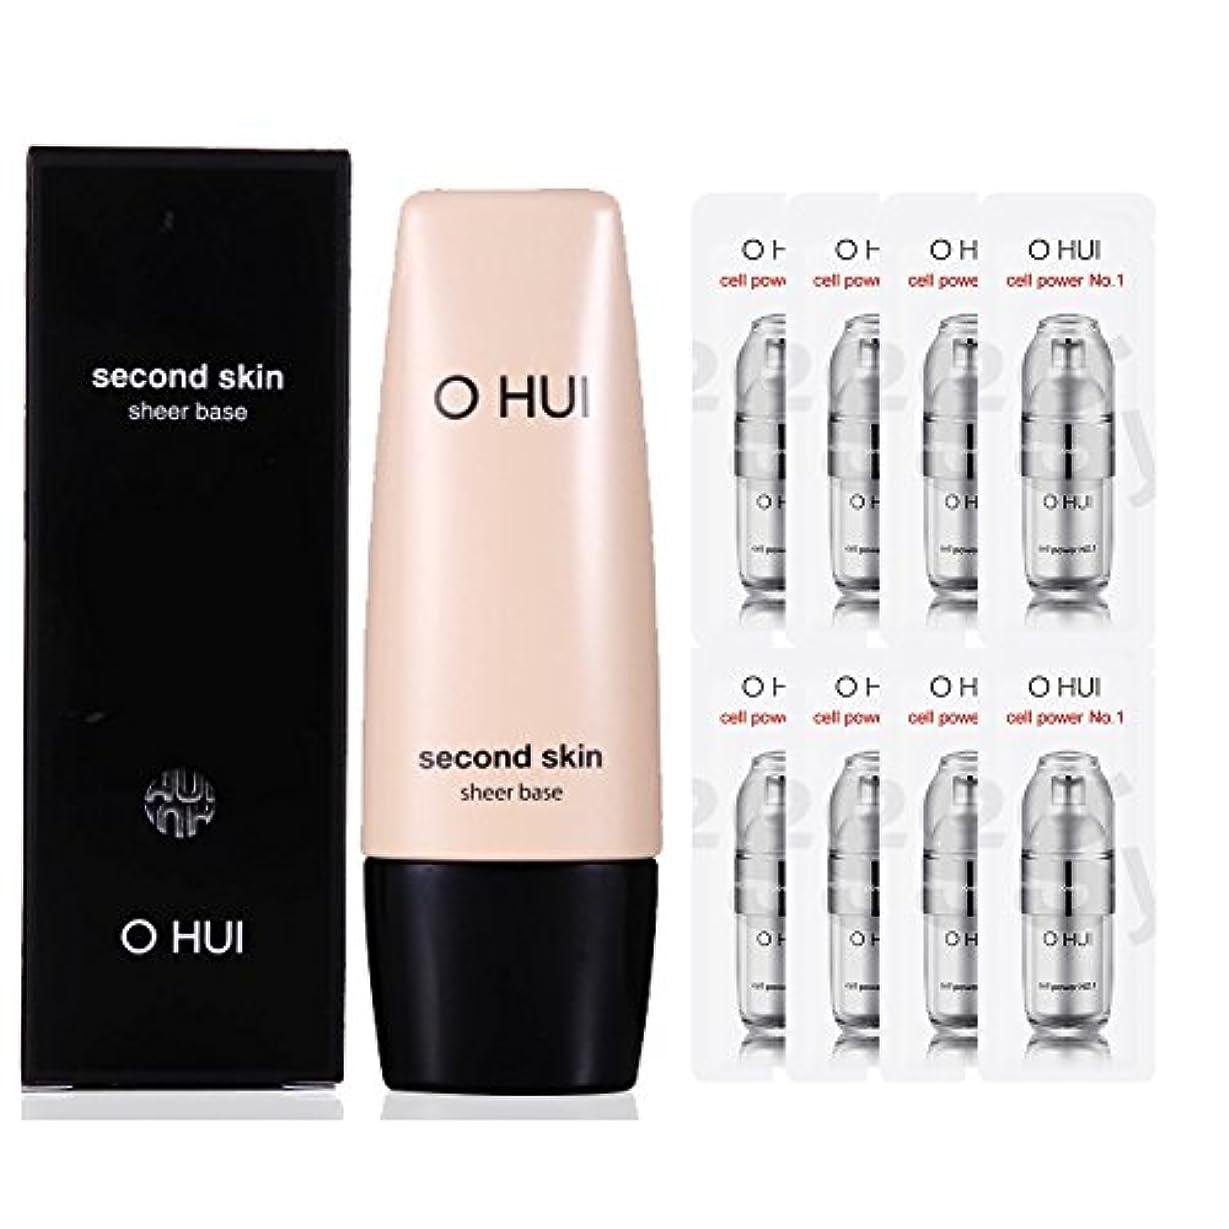 納税者失望させる安定したOHUI/オフィセカンドスキン シアーベース + 特別の構成 (OHUI SECOND SKIN SHEER BASE Makeup Base +Special Gift set)]【スポットセール】[海外直送品]